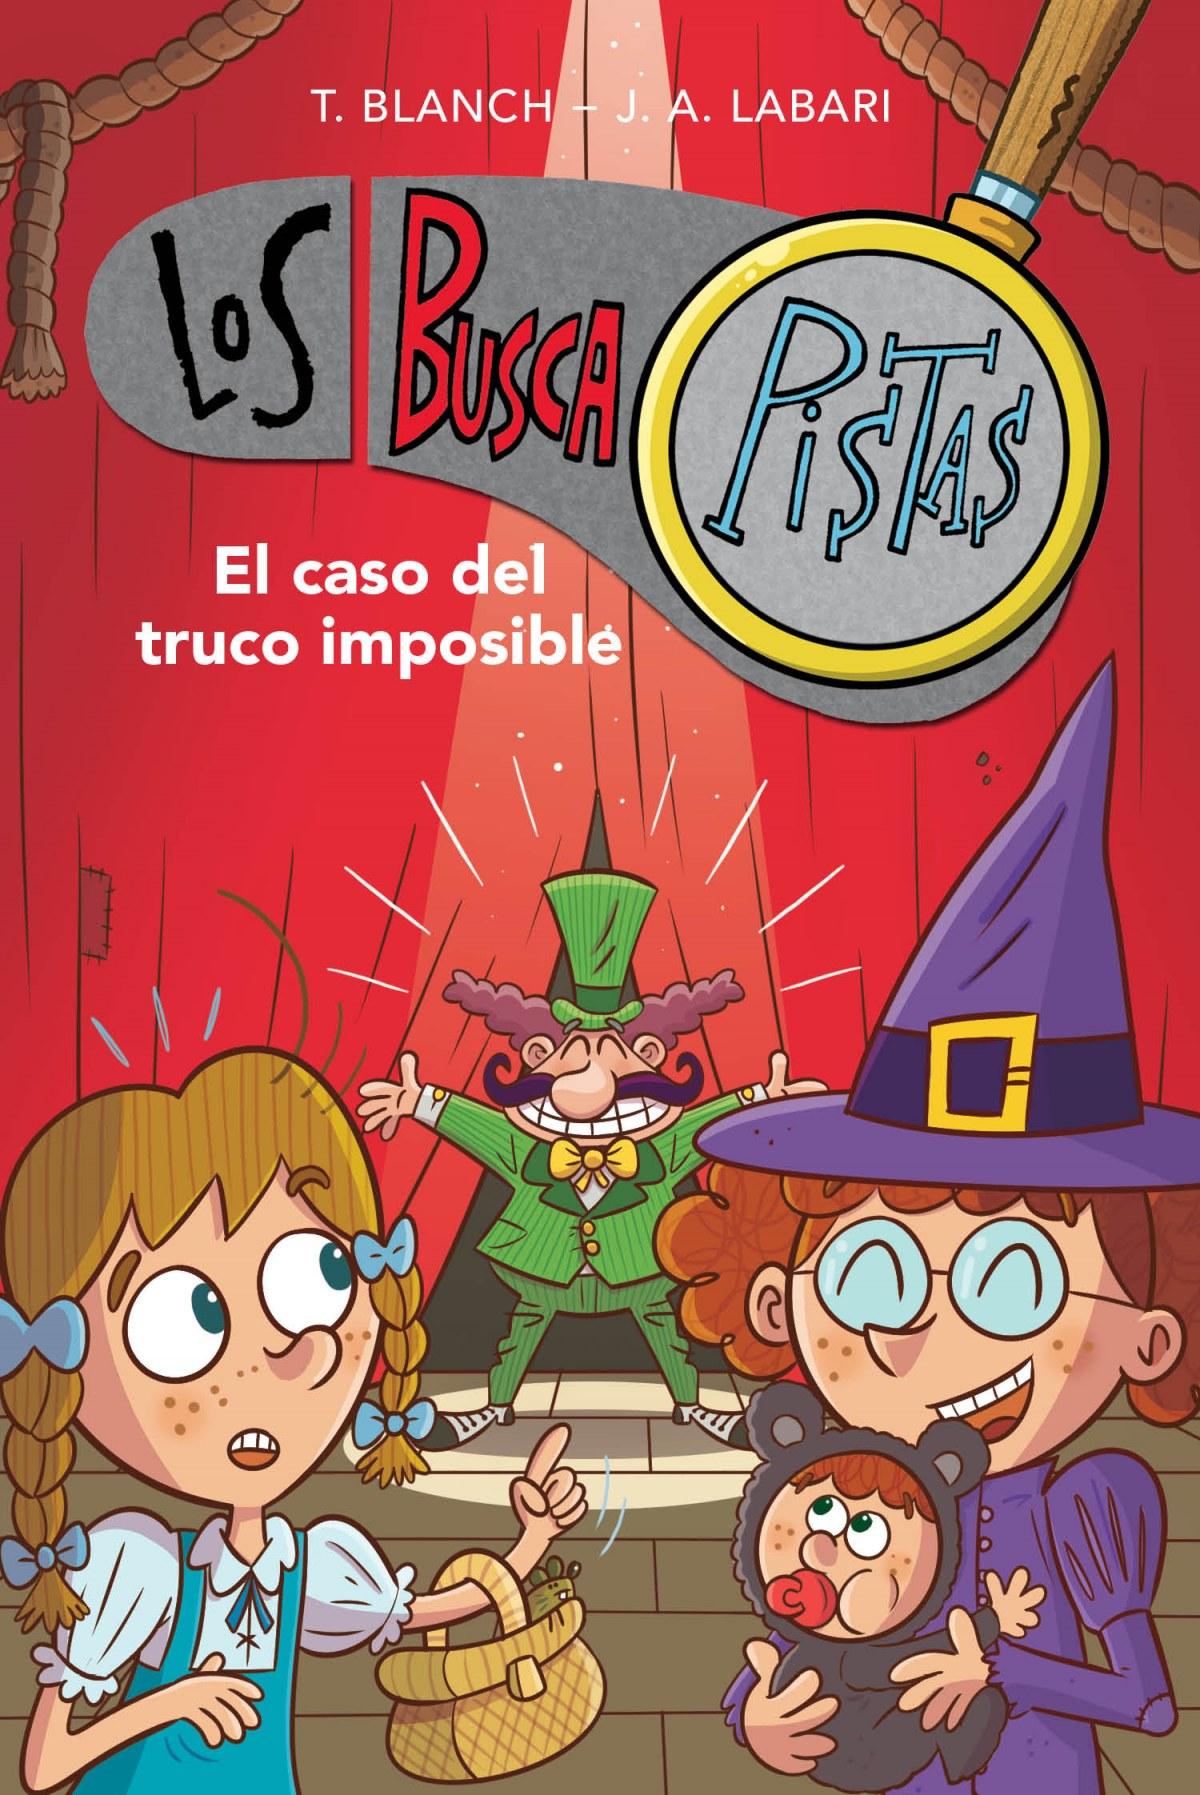 El caso del truco imposible (Serie Los BuscaPistas 12) 9788417922900